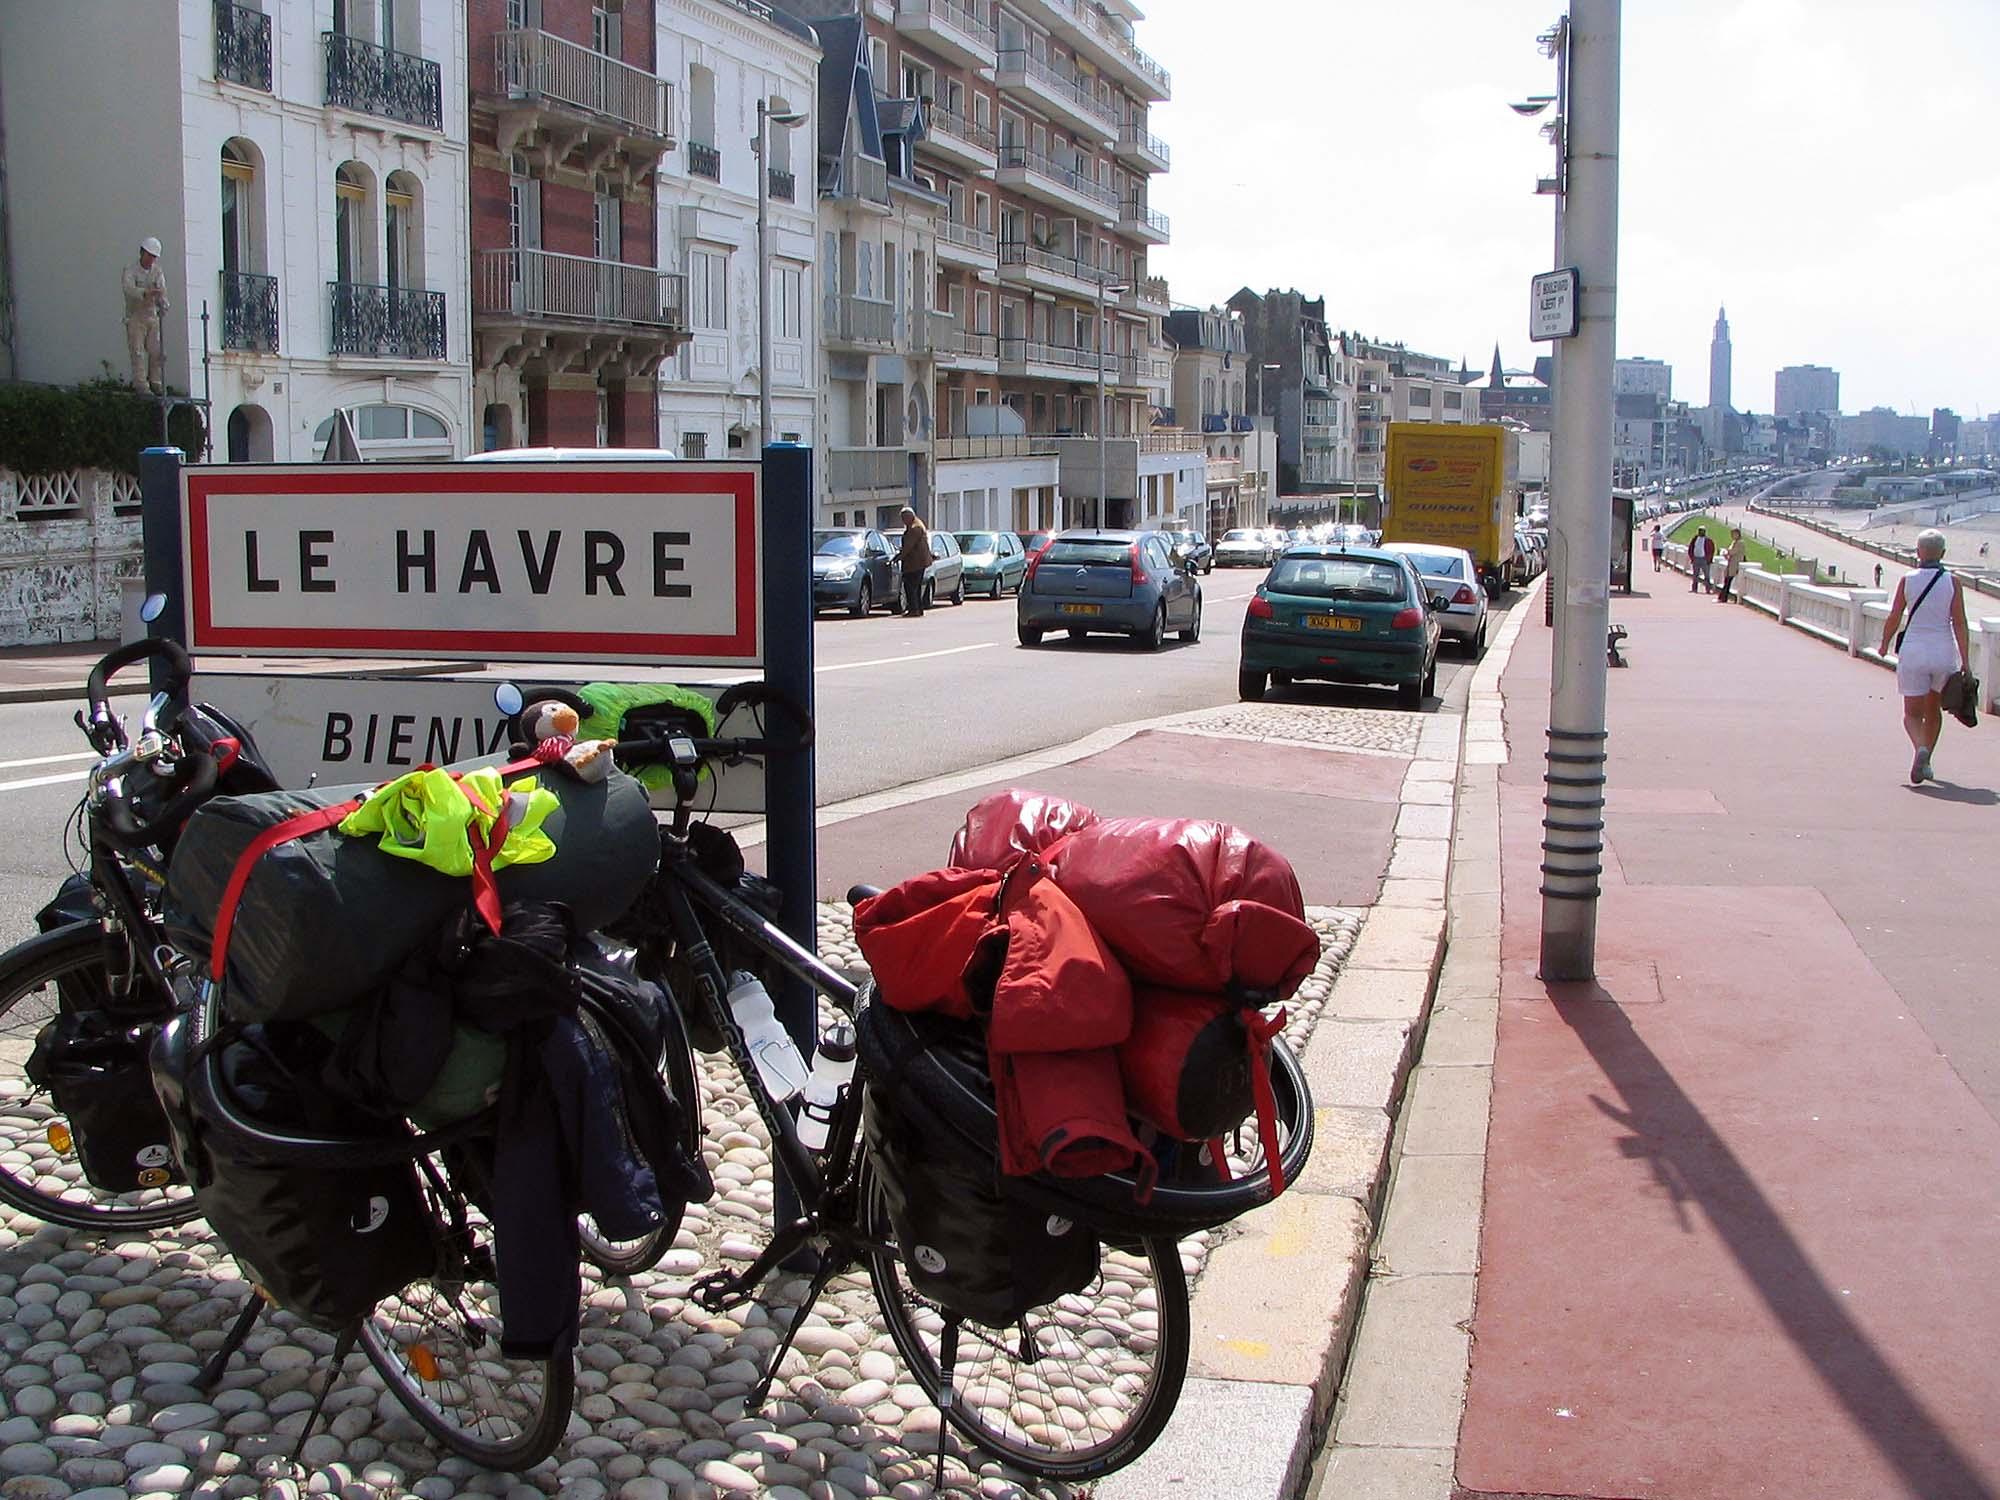 Radreise durch Europa